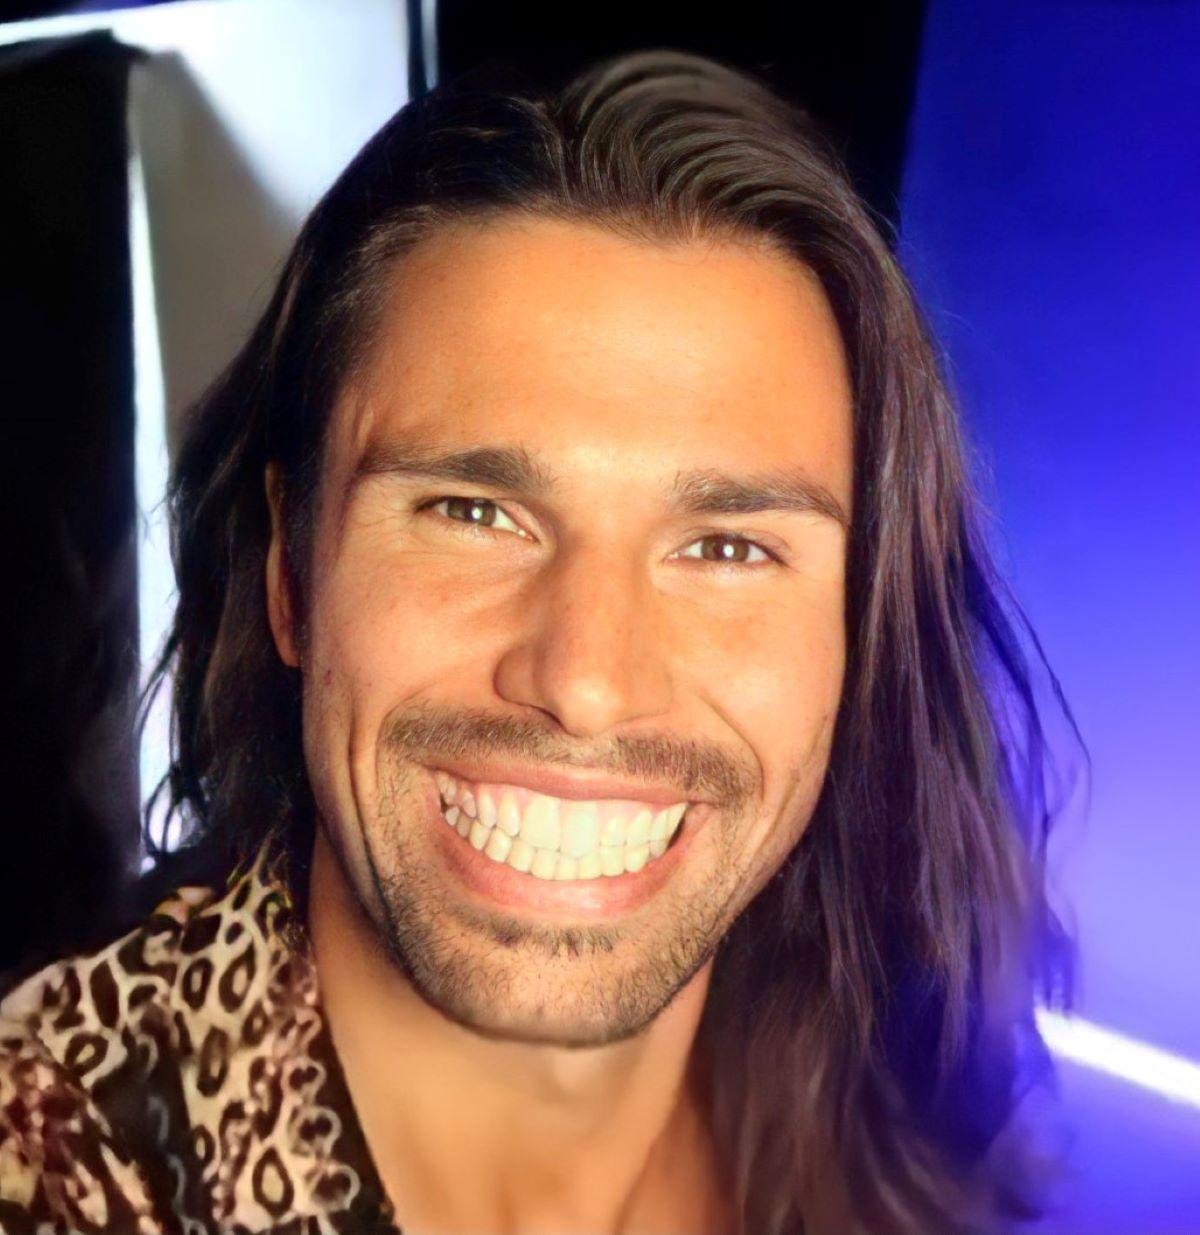 Luca Onestini al Grande Fratello VIP per un confronto con Soleil | Le parole di Parpiglia